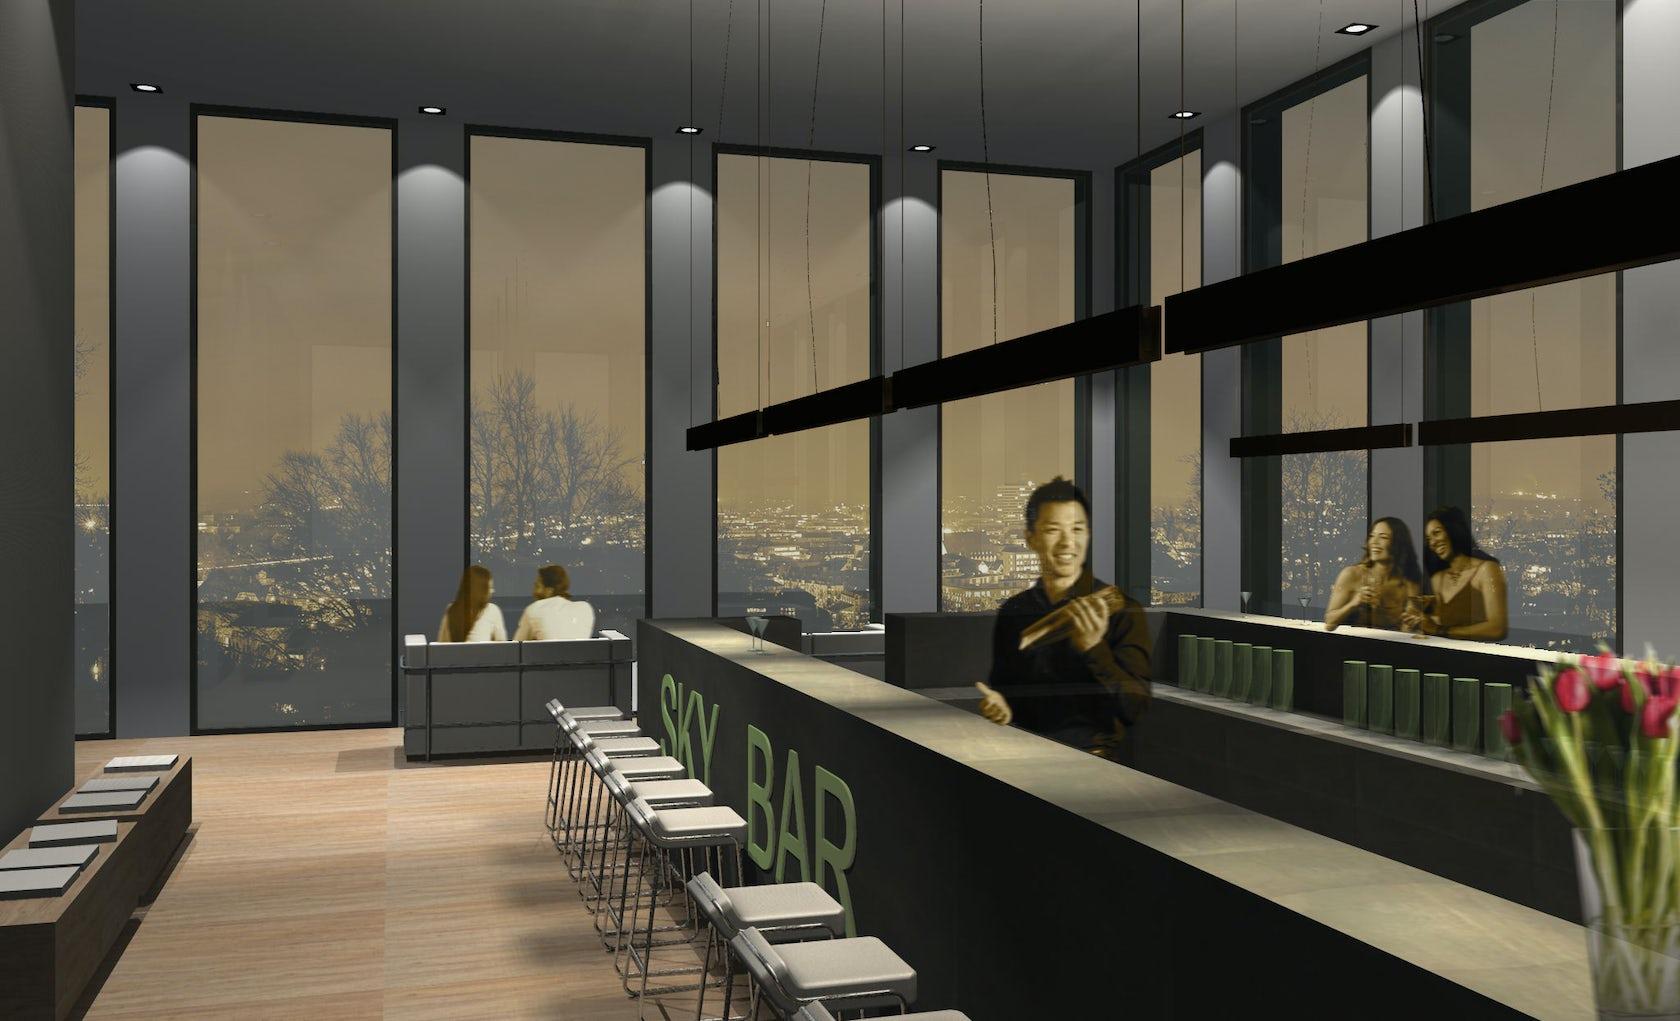 Hotel bielefeld architizer for Interior design bielefeld